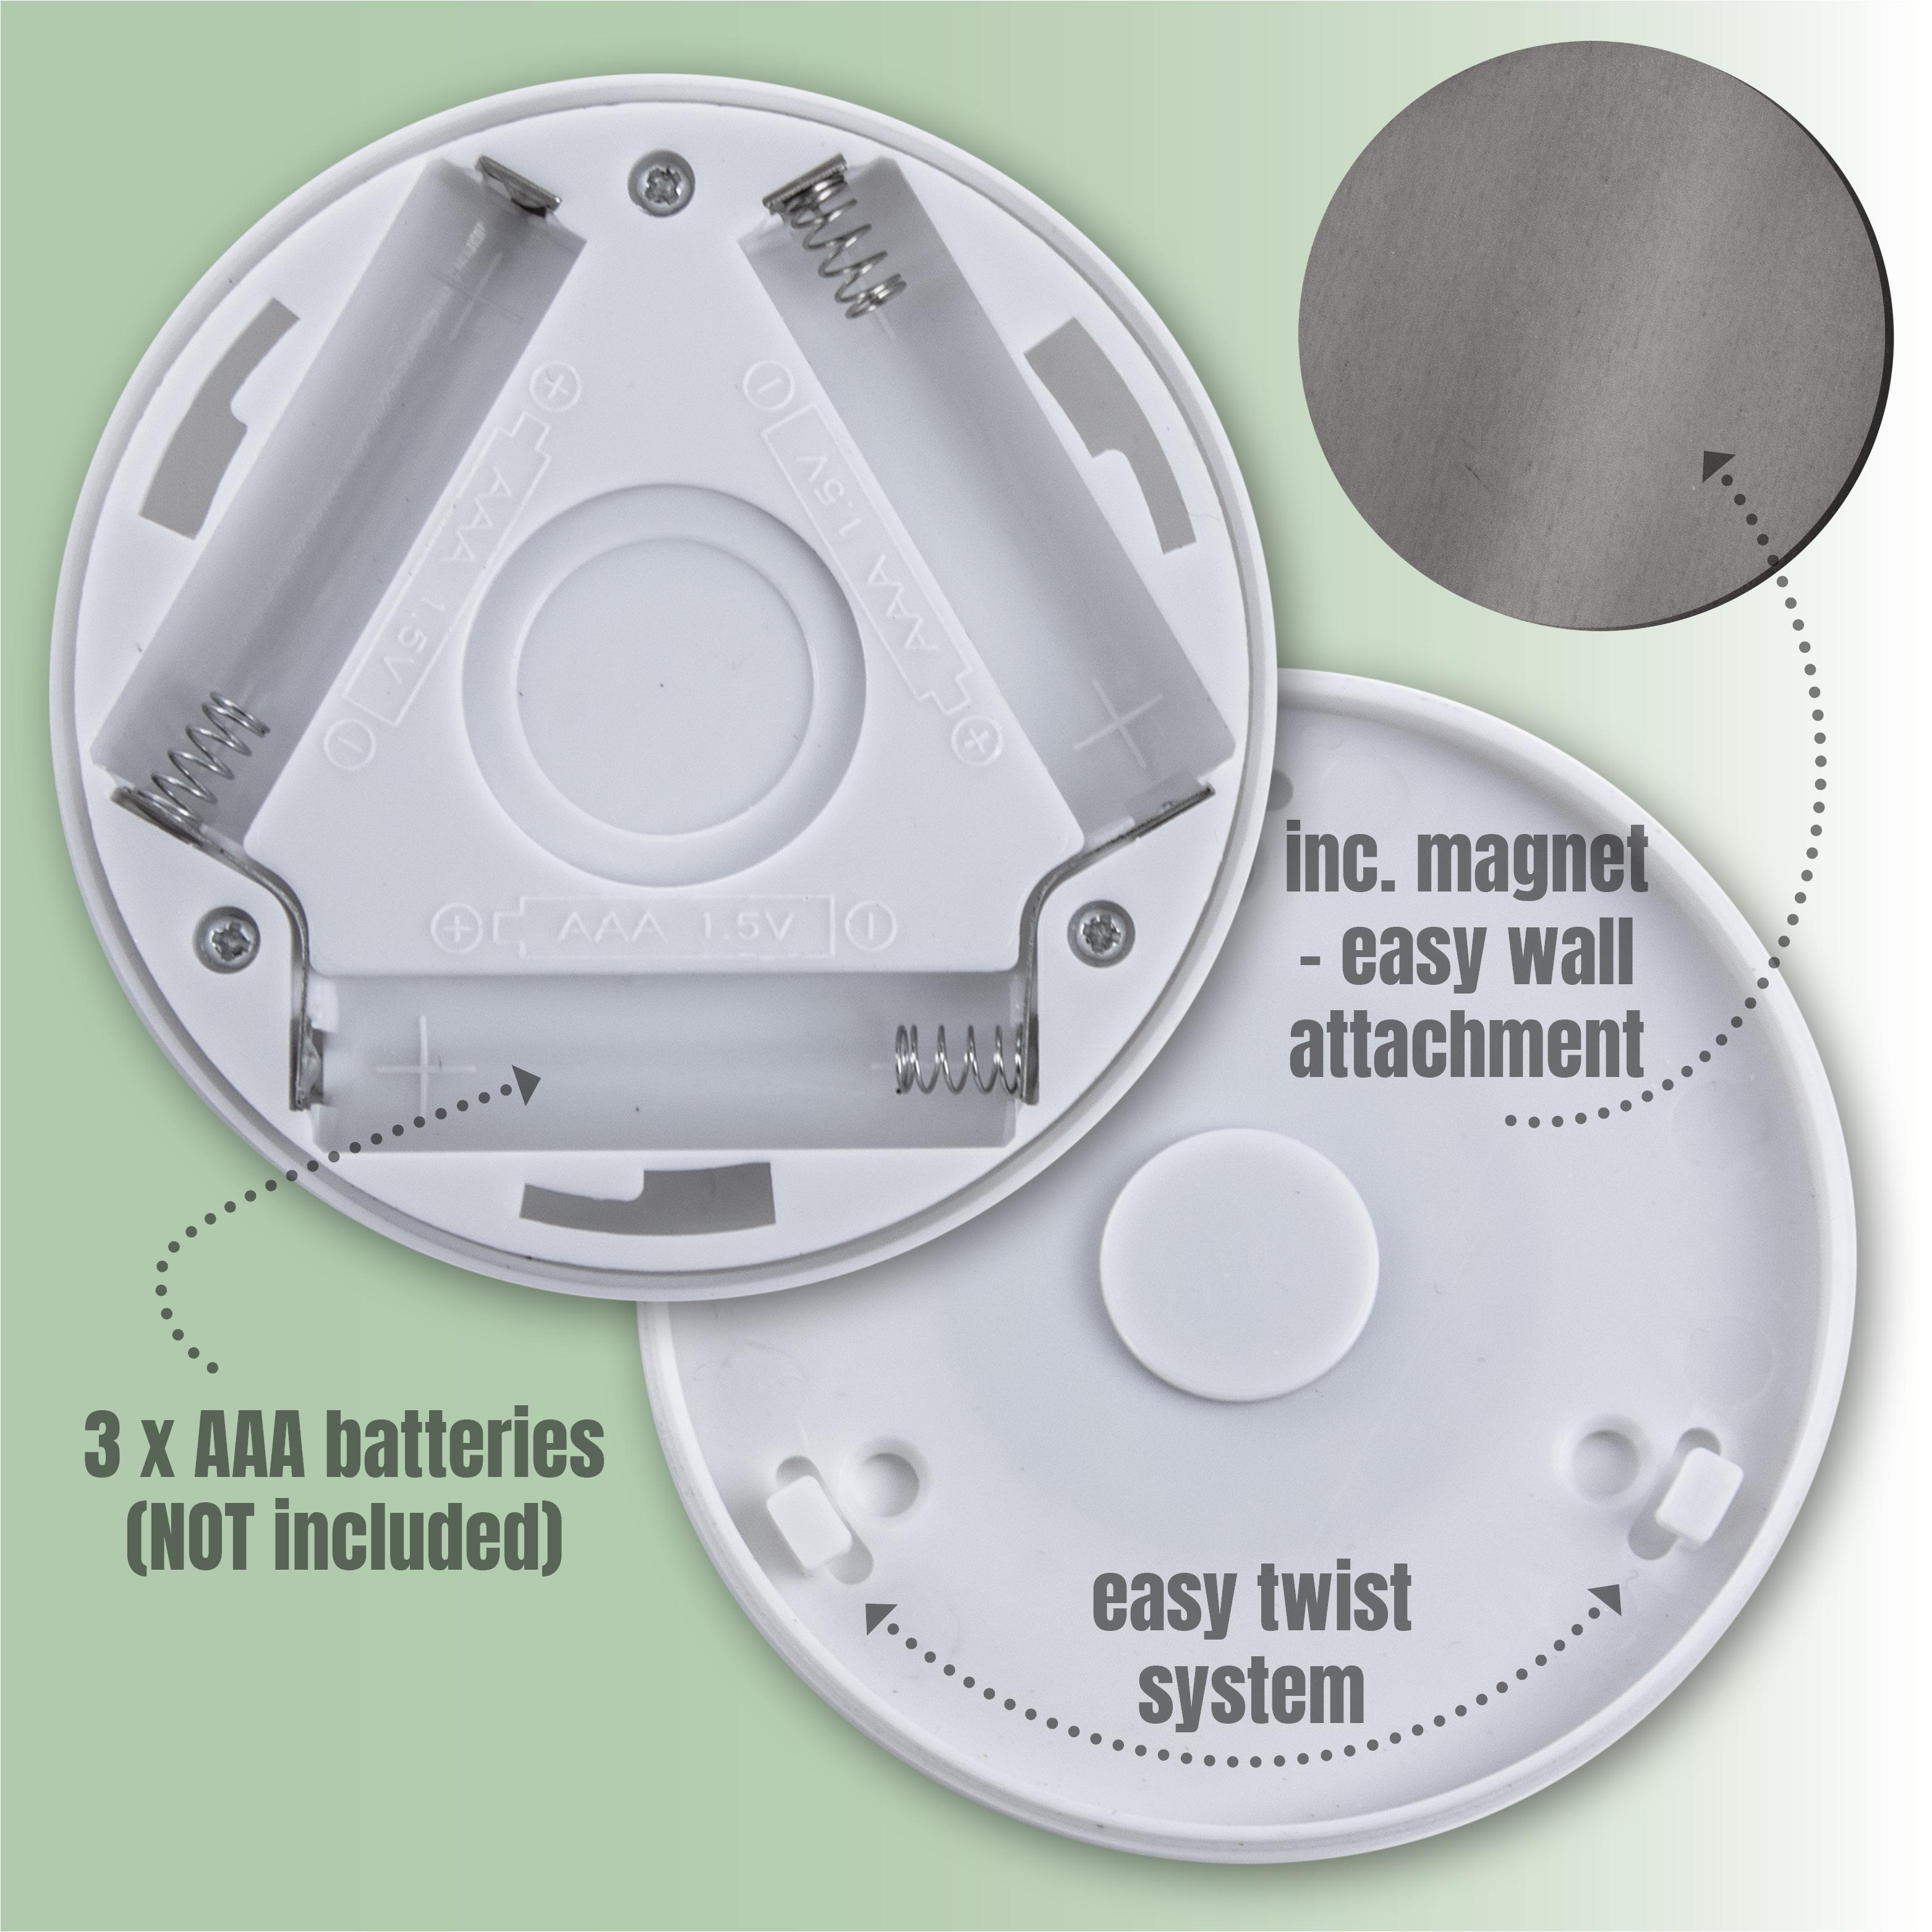 infrarot led nachtlicht wandlicht mobile klebbar mit. Black Bedroom Furniture Sets. Home Design Ideas